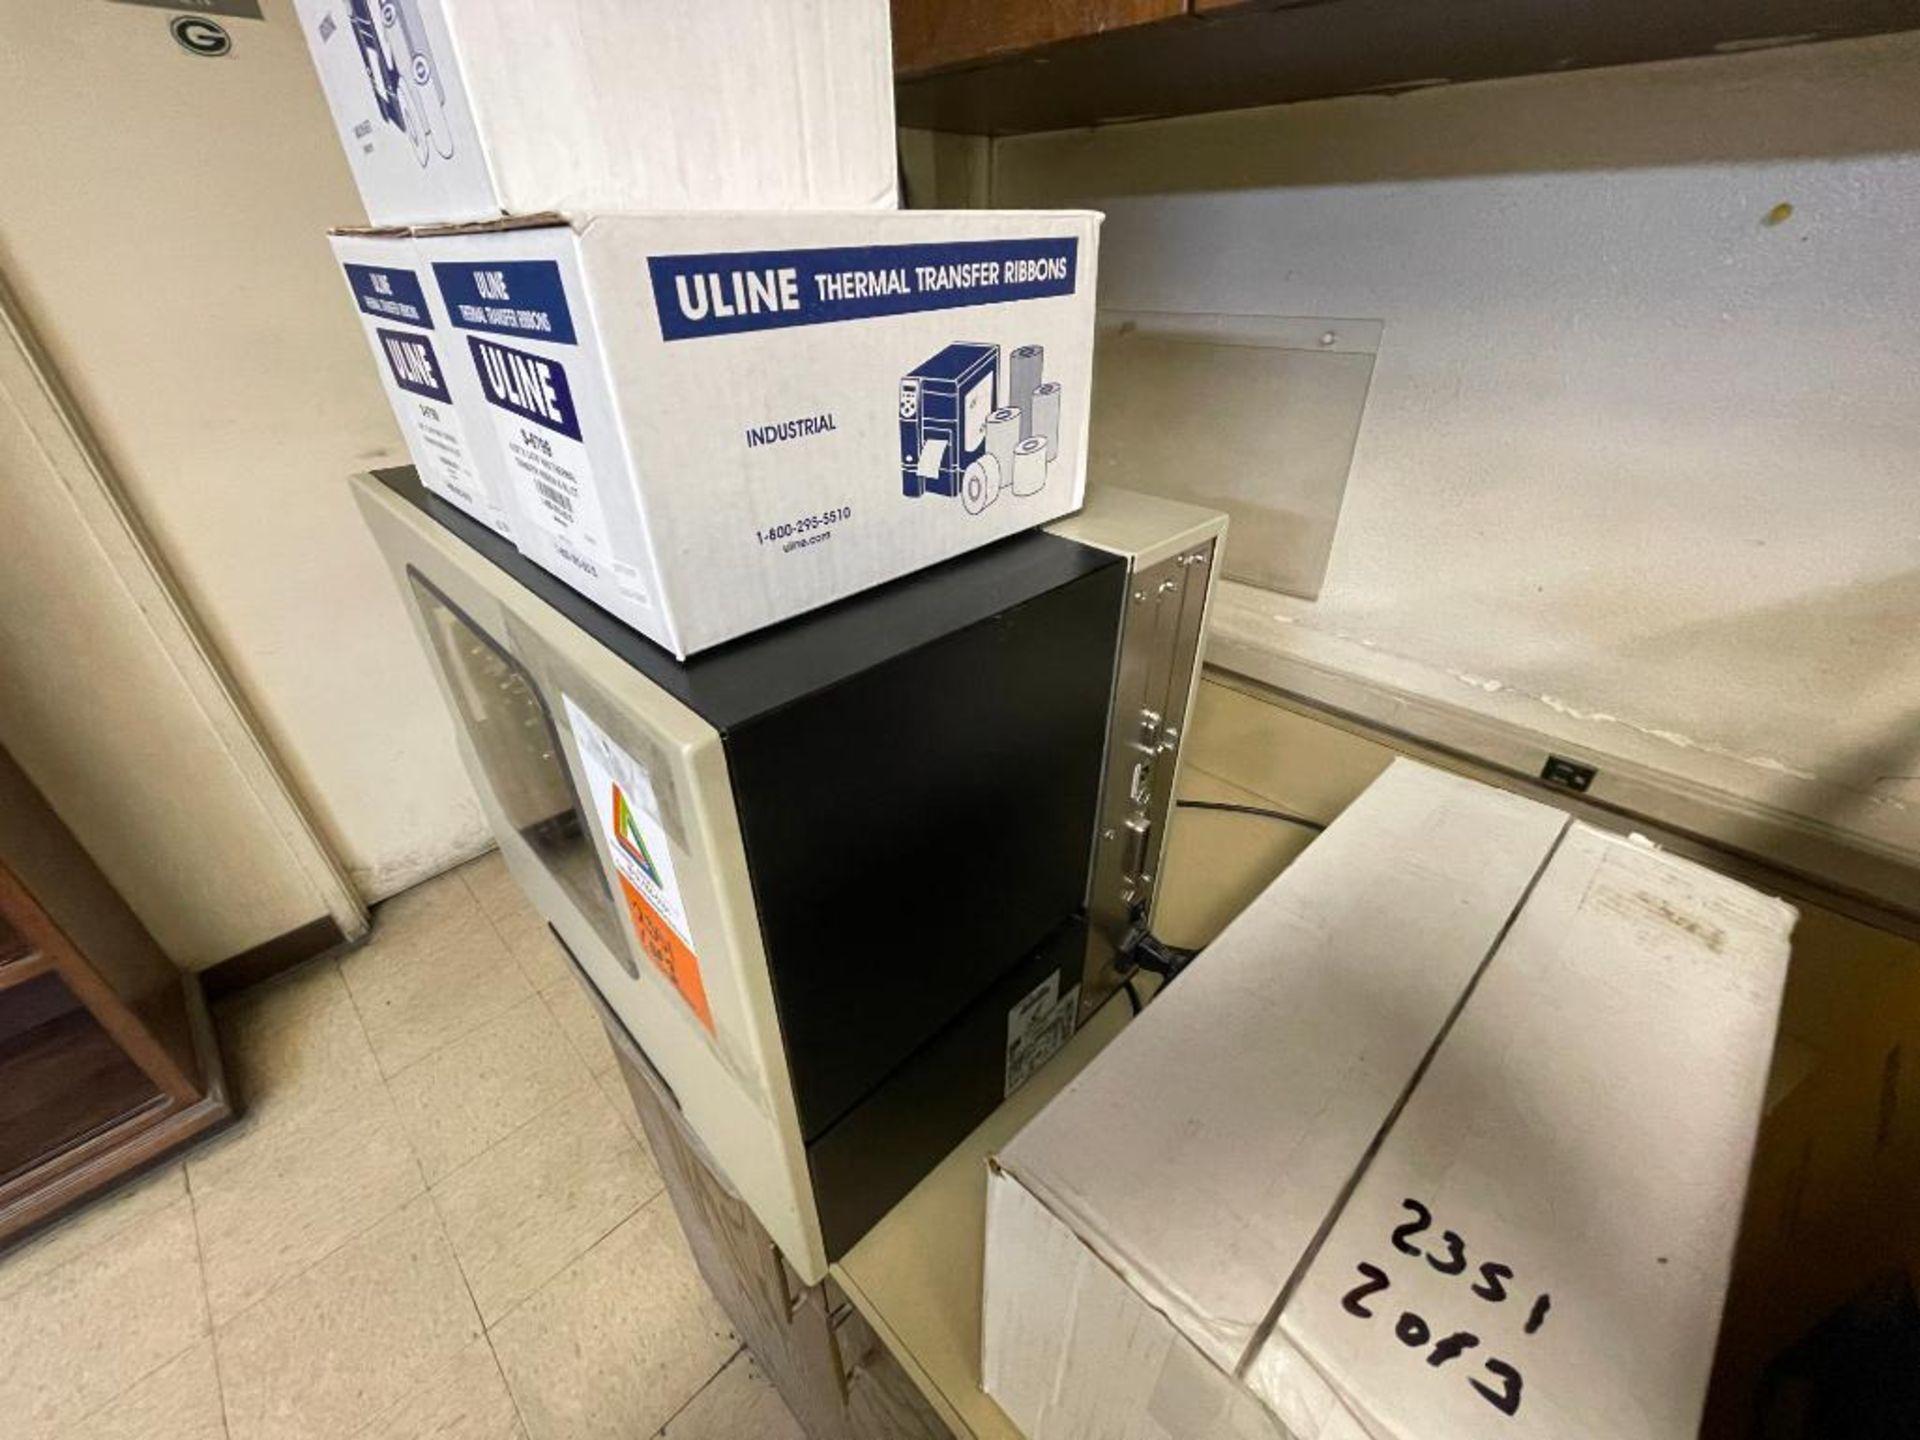 Zebra label printer - Image 6 of 9